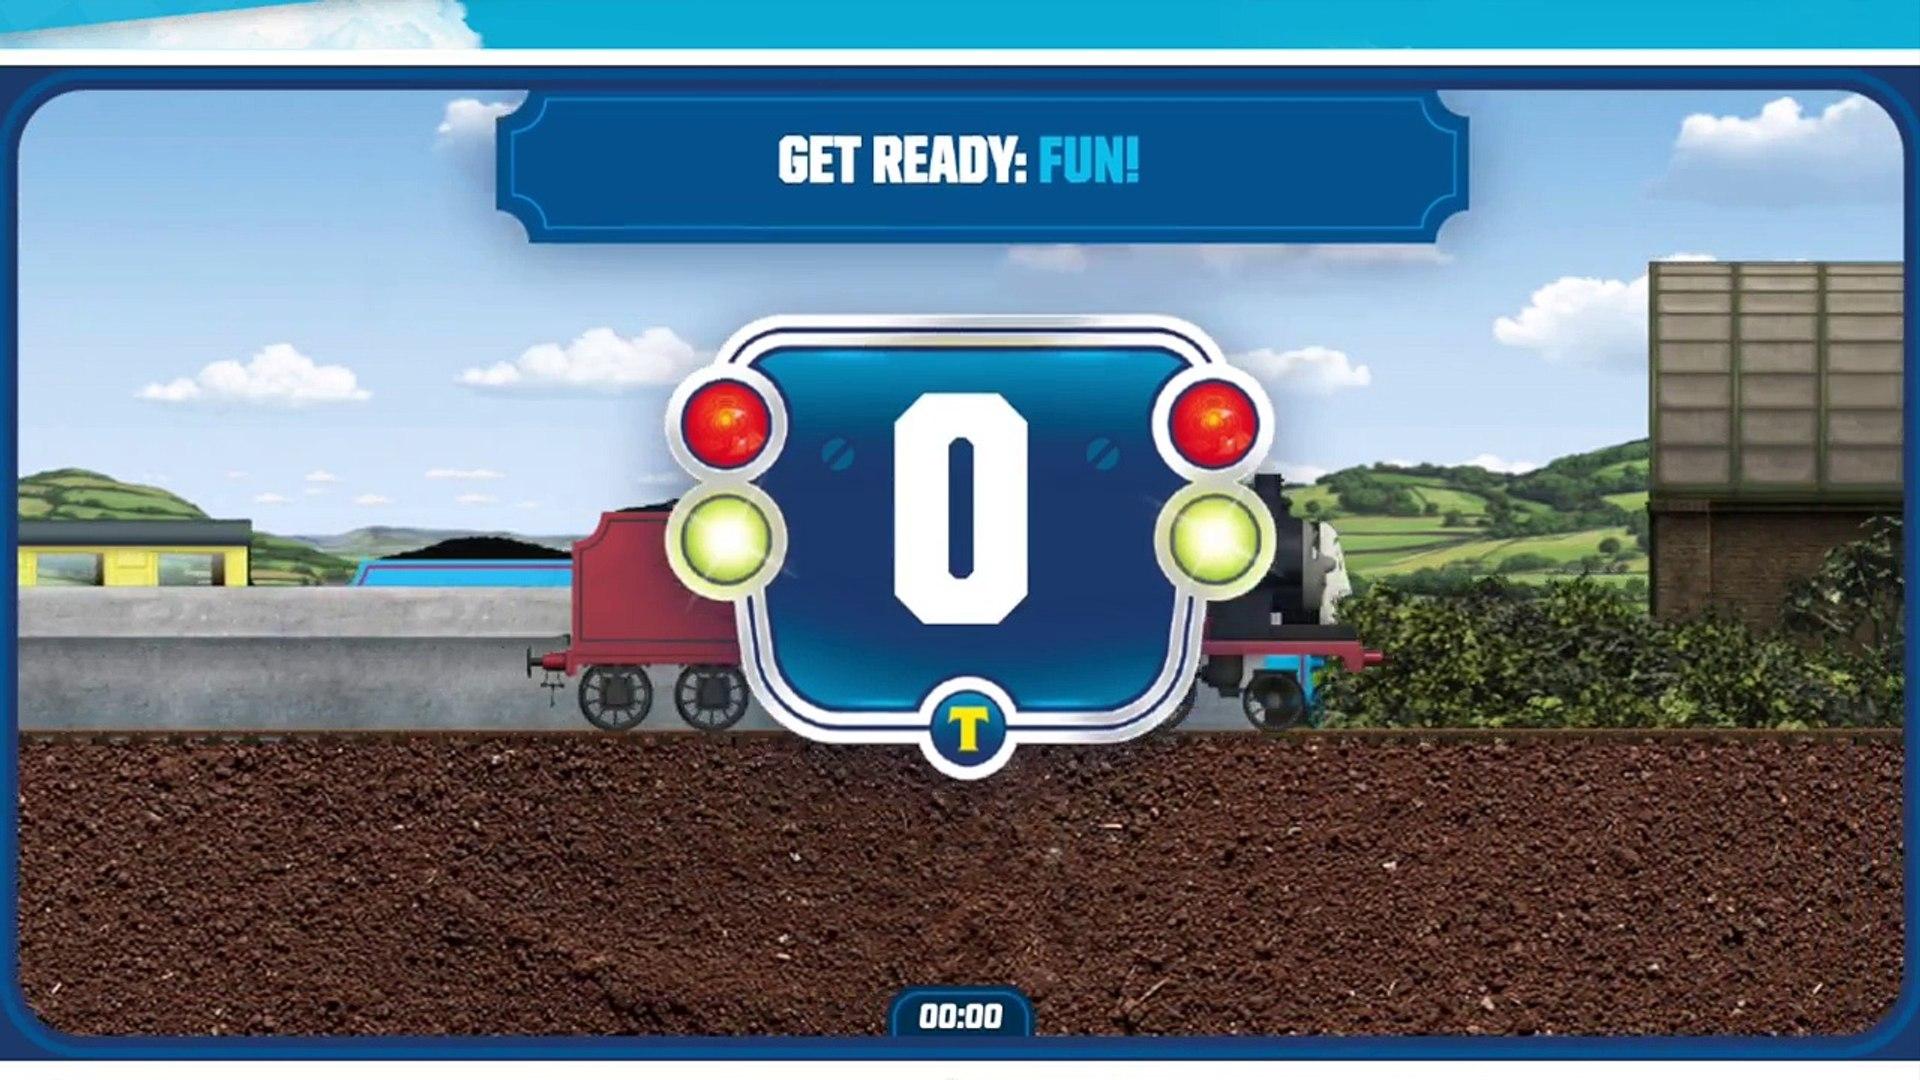 Thomas the Tank Engine Race Game Episode 5 Fun Baby Fun Fun